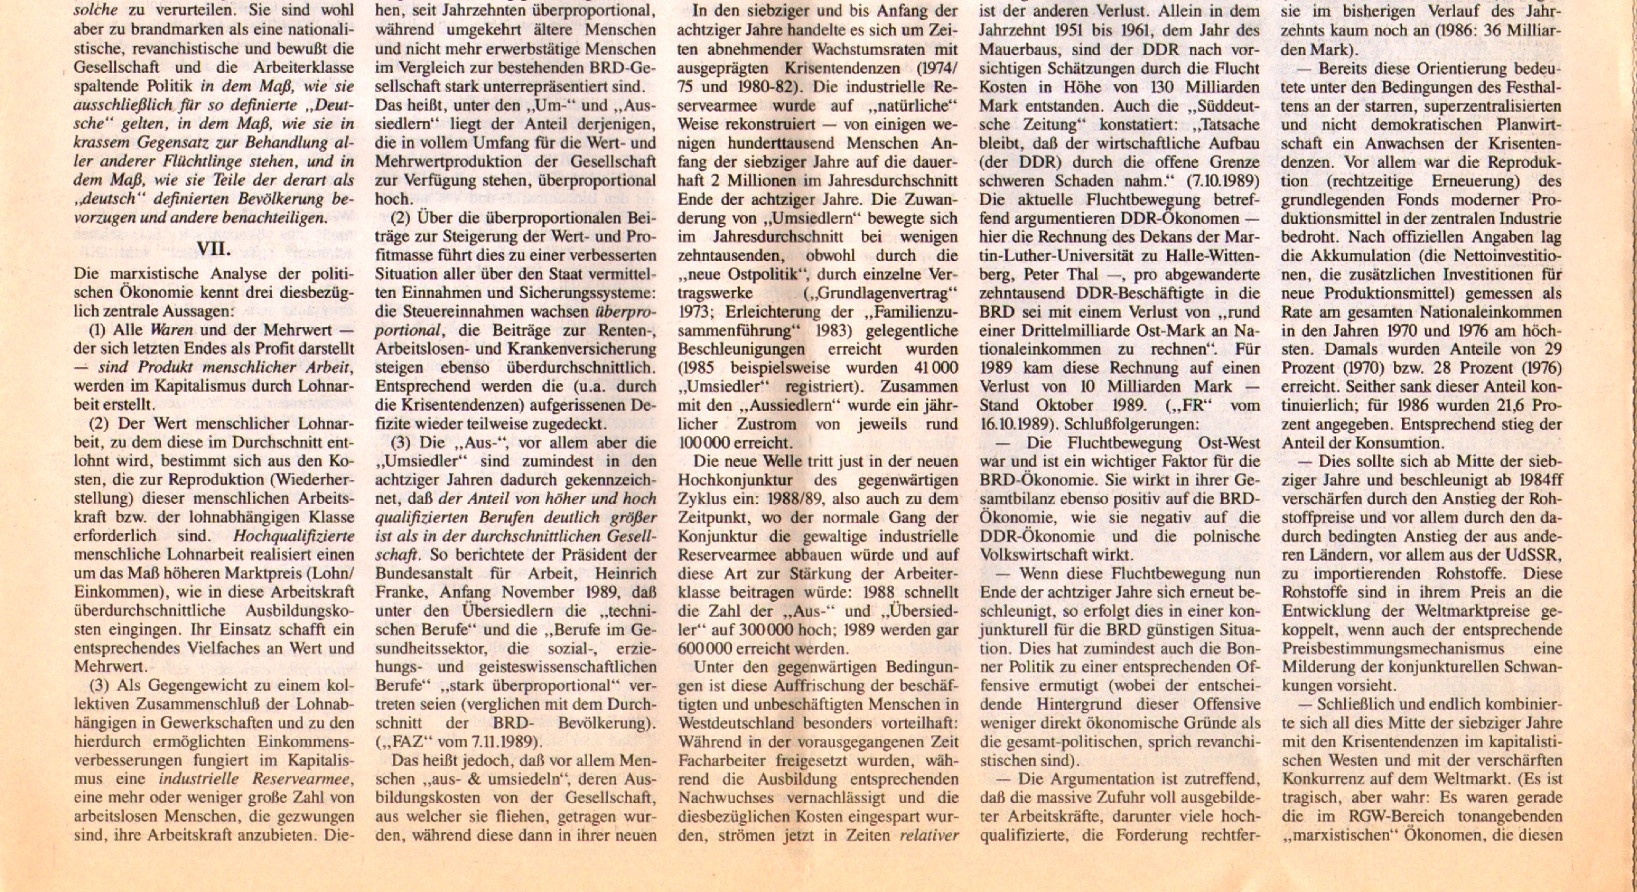 Gemeinsame_Beilage_1989_04_06